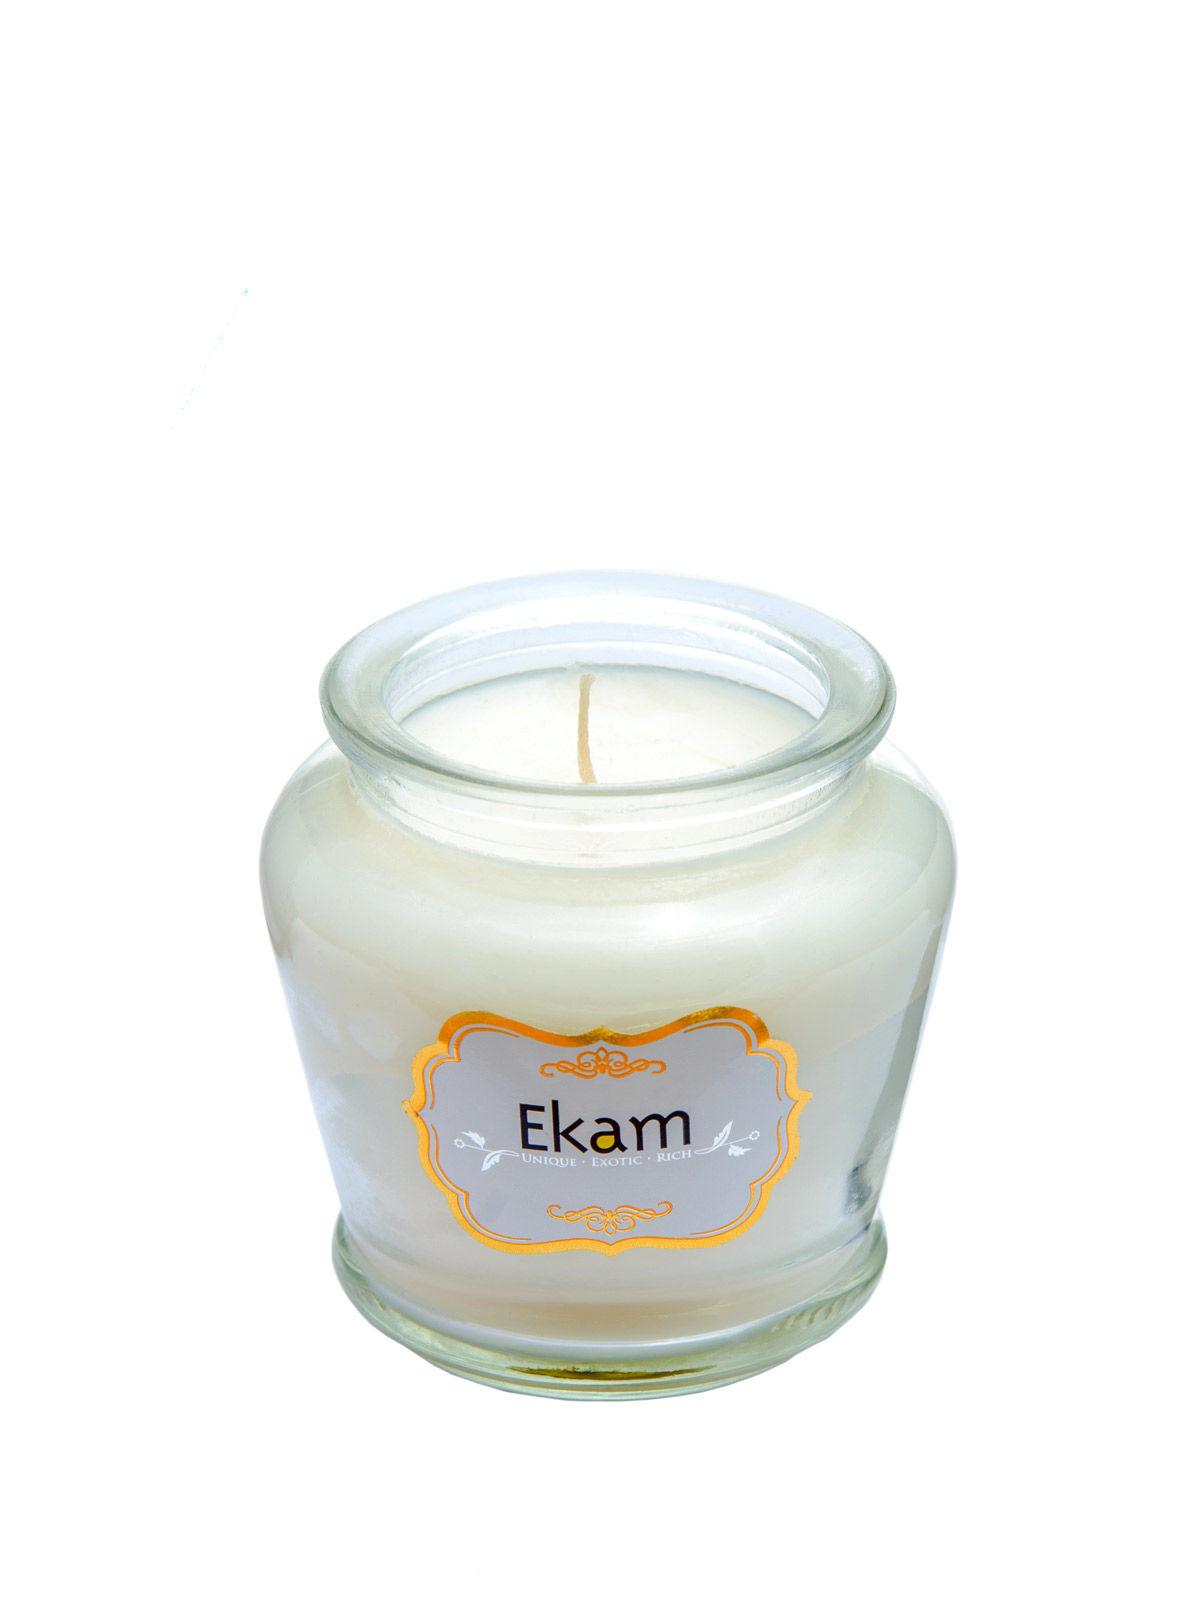 Vanilla Lampshade Candle